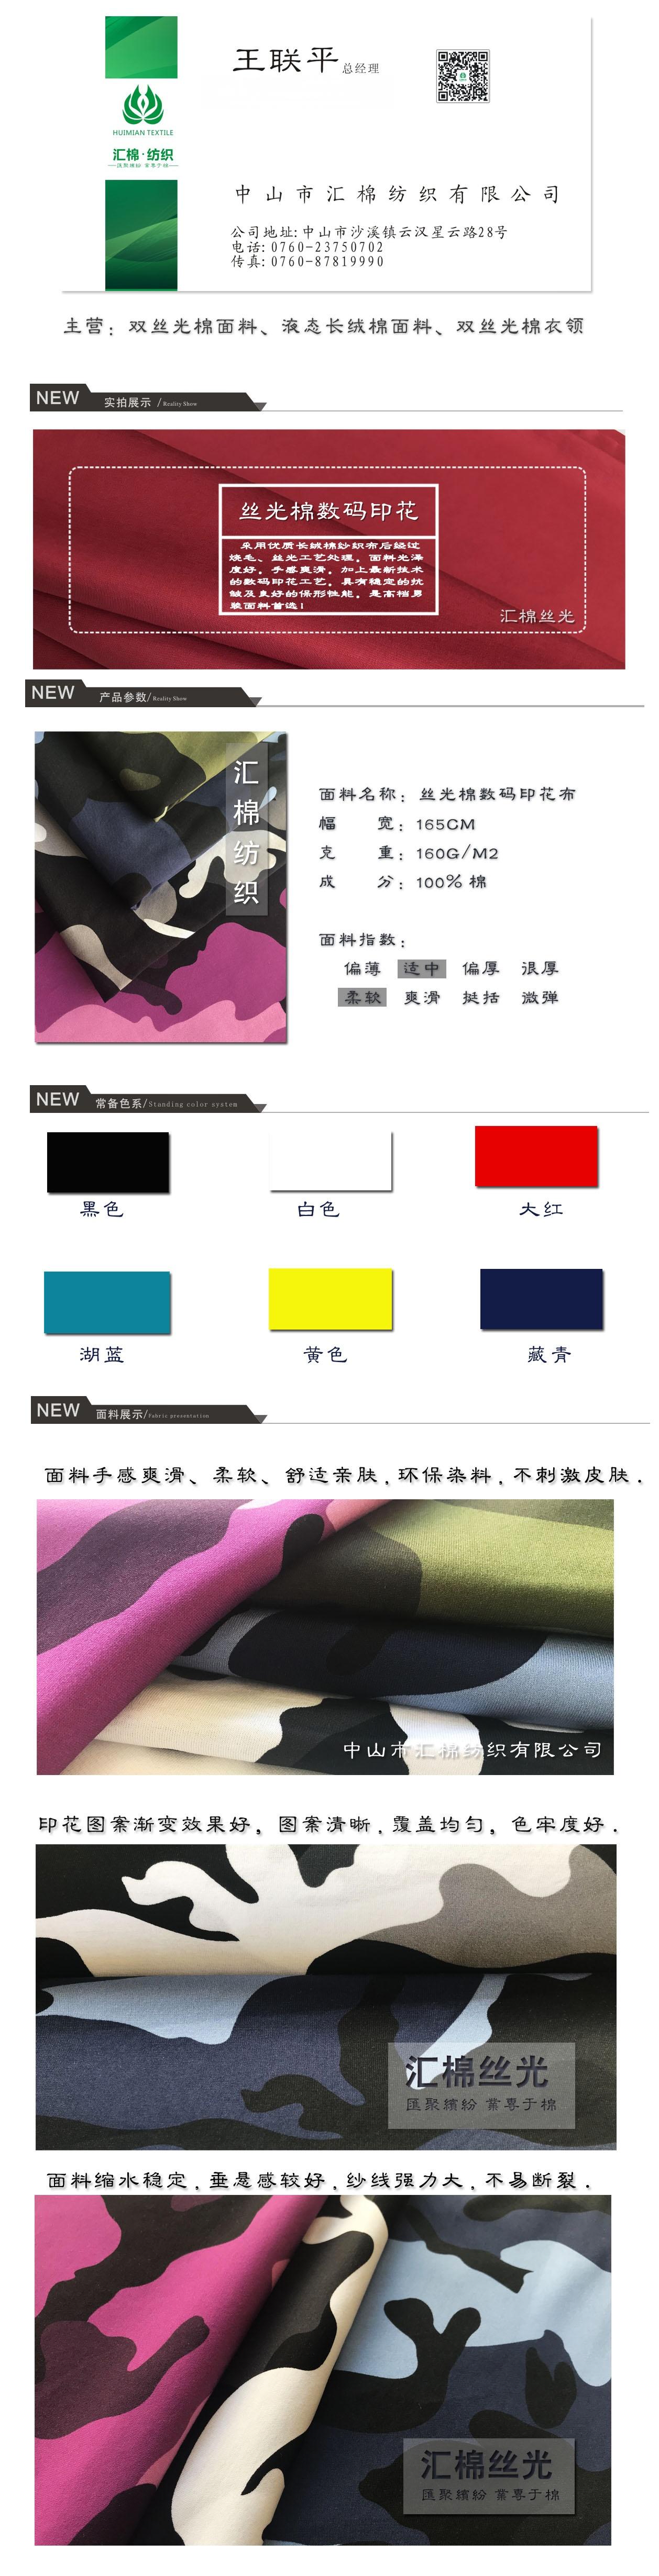 迷彩丝光棉印花详情页1.jpg